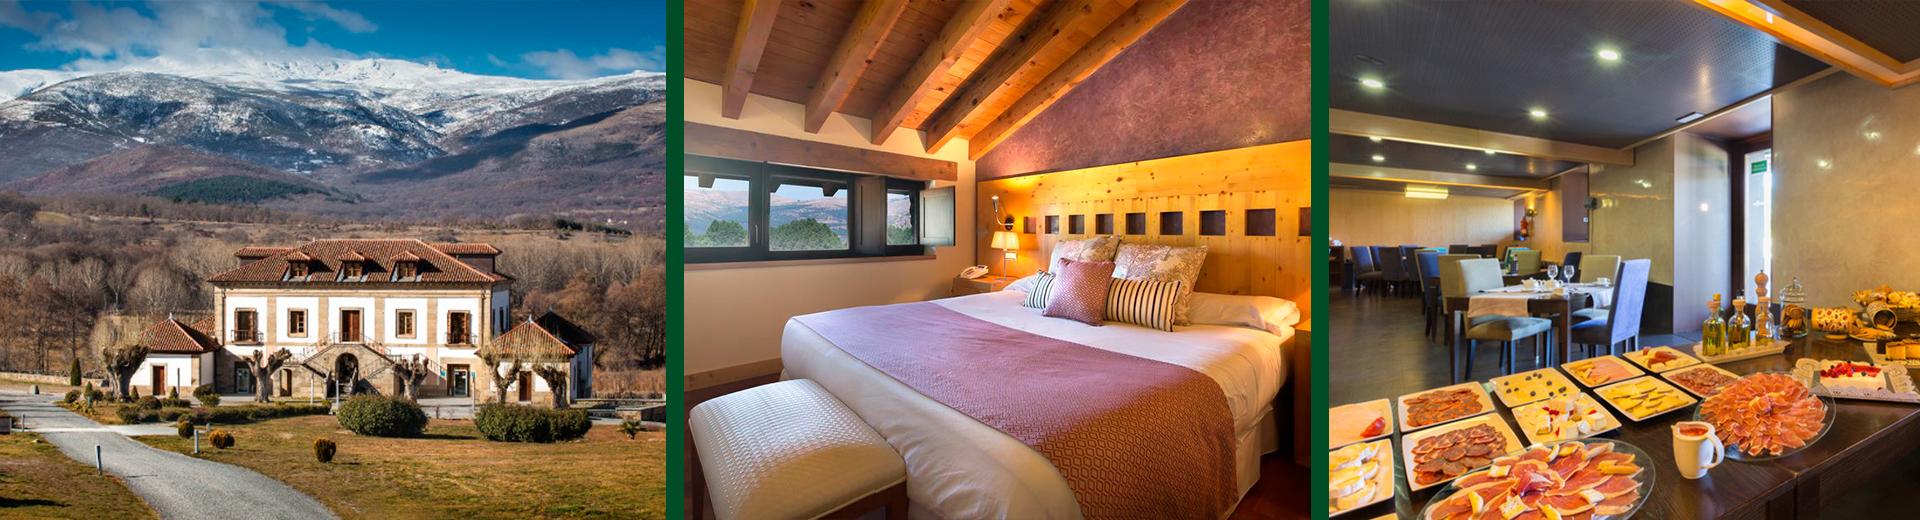 Gredos Ibex hunting Spain accommodation Gredos hunt ibex, hunt Gredos Ibex, ibex hunting Gredos